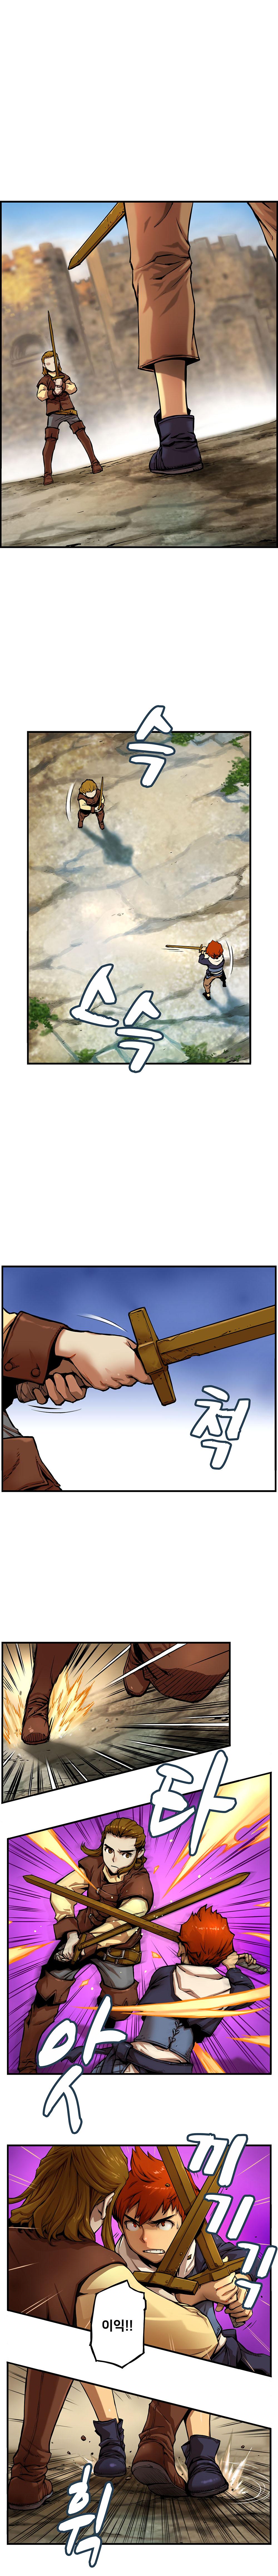 데리온 #1 리니지 데스나이트의 탄생에 얽힌, 드래곤 슬레이어 '드루가' 가문 이야기